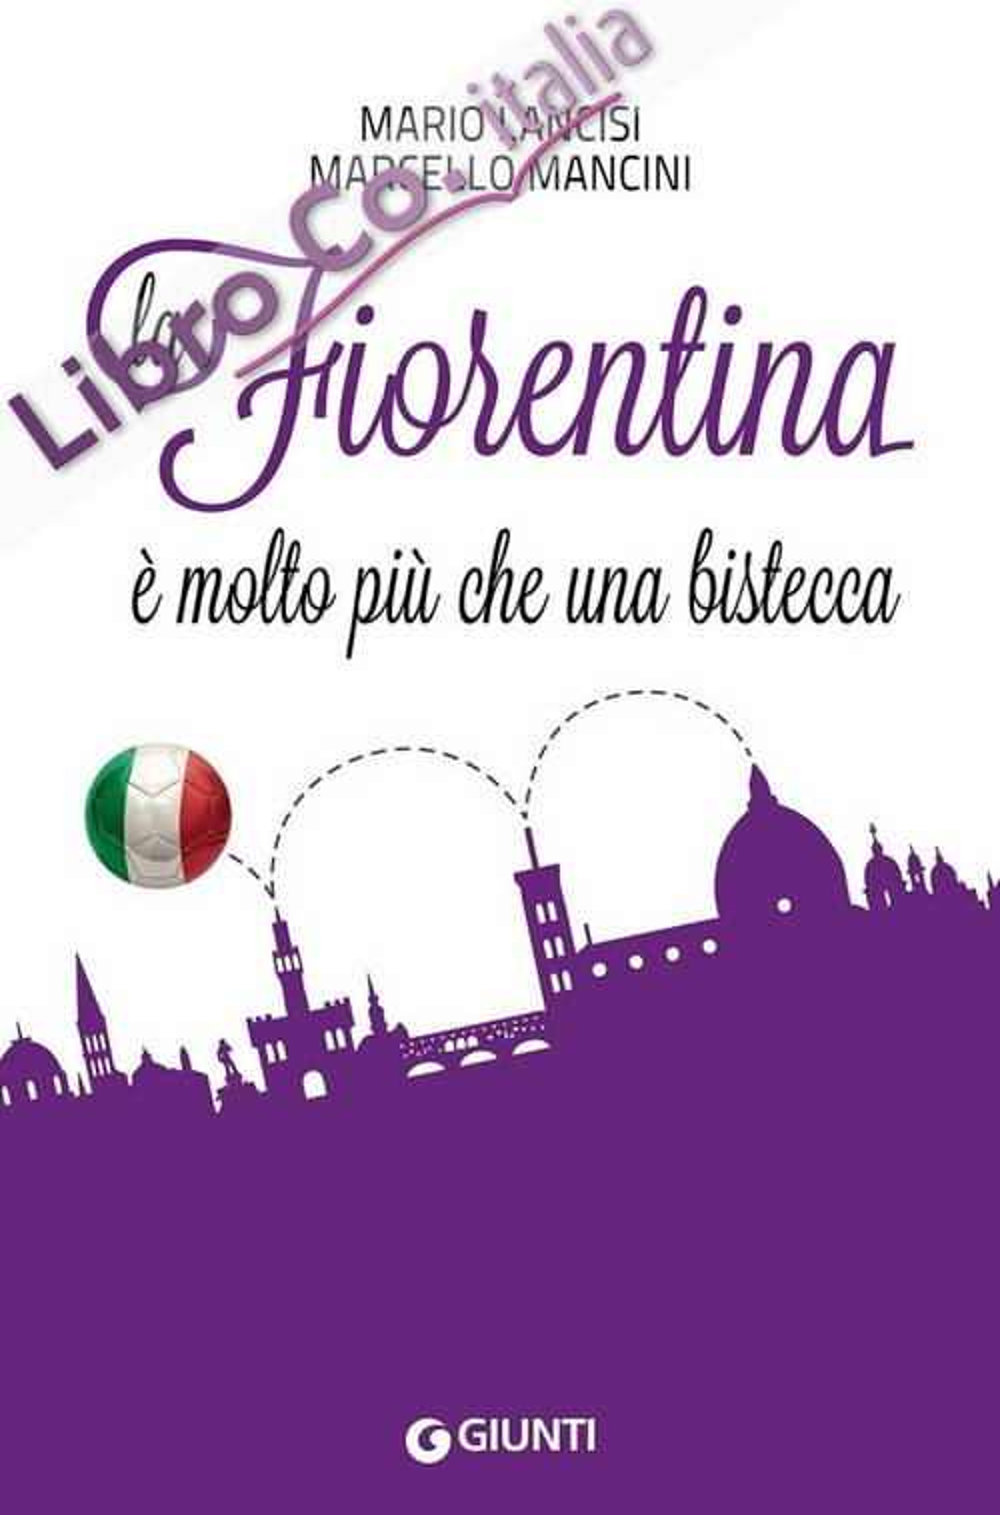 La Fiorentina è molto più che una bistecca.